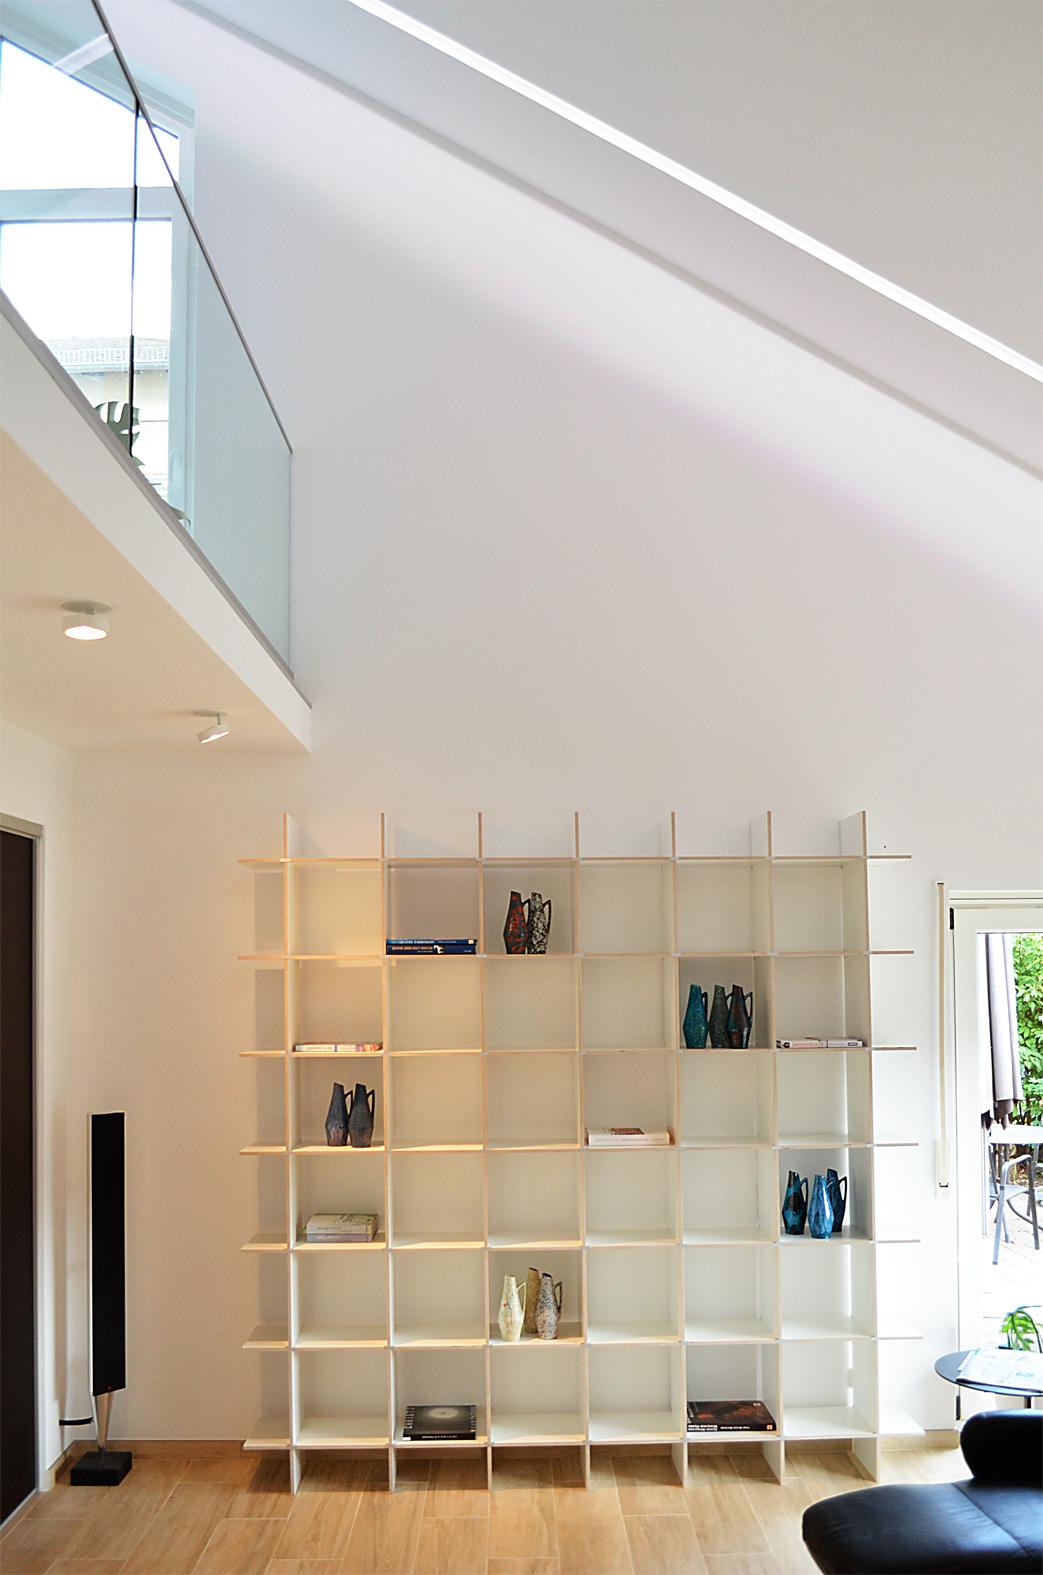 Full Size of Eichenbalken Bauhaus Kaufen Farben Nike Air Ma270 Flyknit White Black Racer Blue Fenster Wohnzimmer Eichenbalken Bauhaus